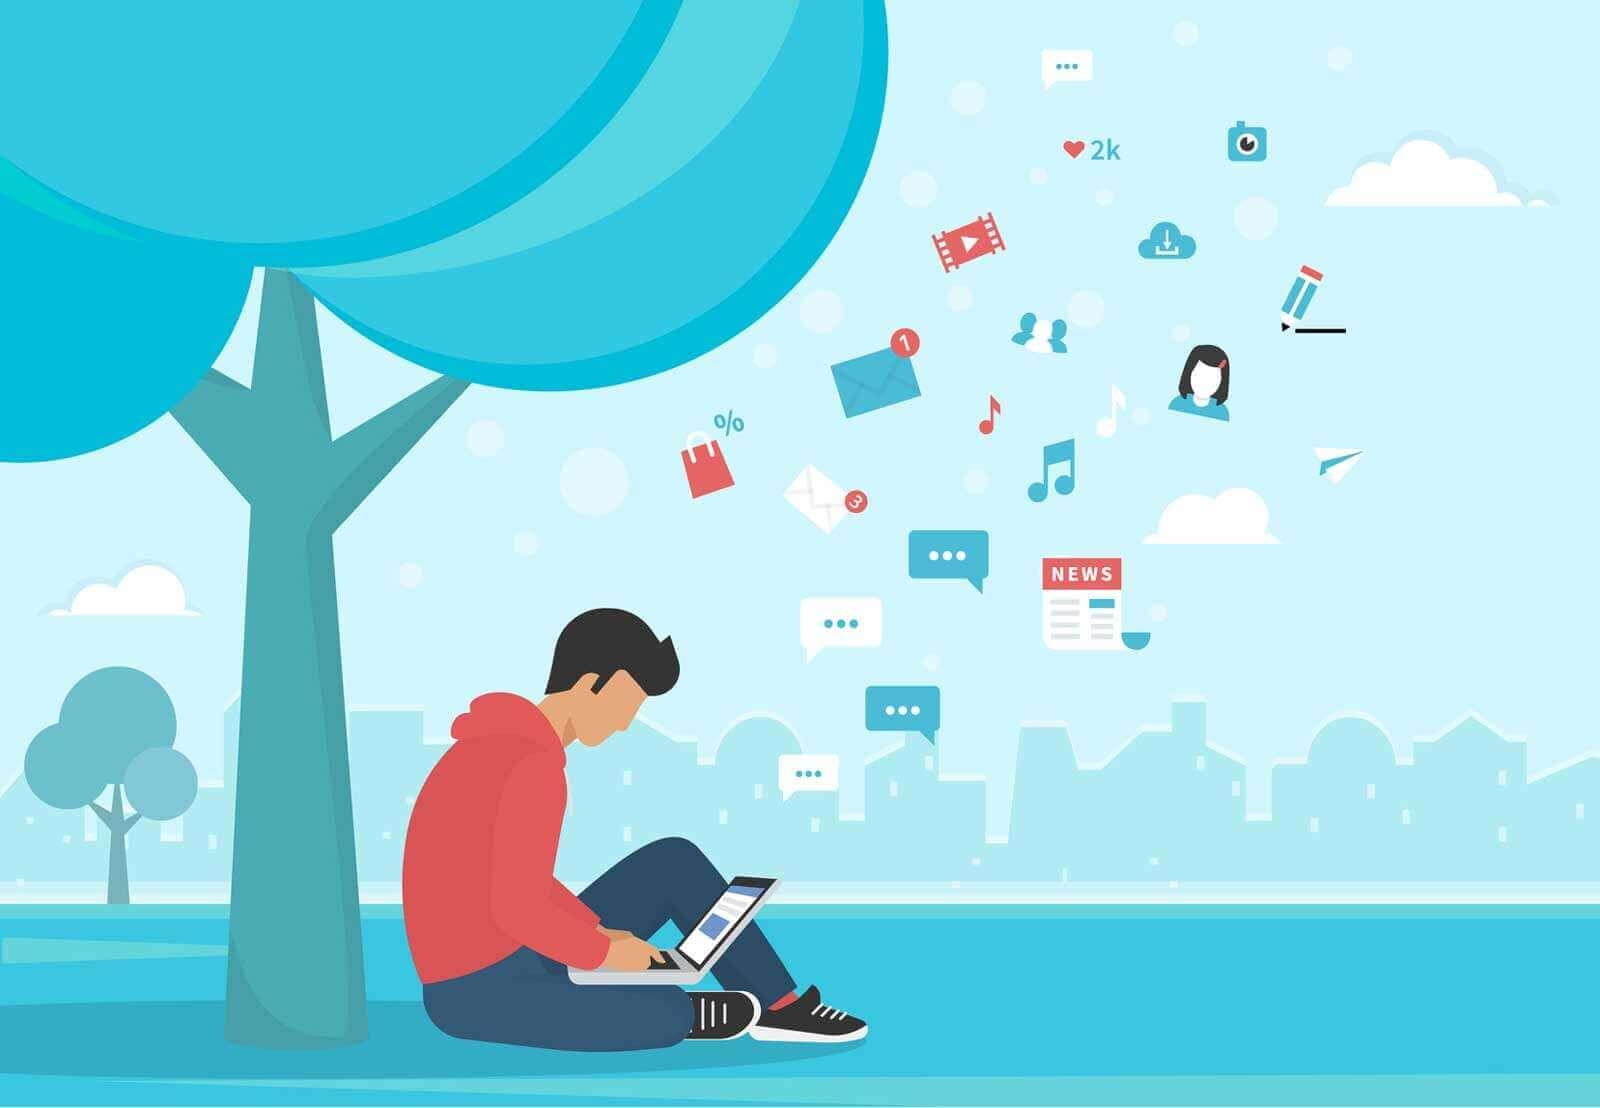 social networks professionali, carriera, network, networking, impresa, futuro, candidato, selezionatore, candidatura, reclutamento